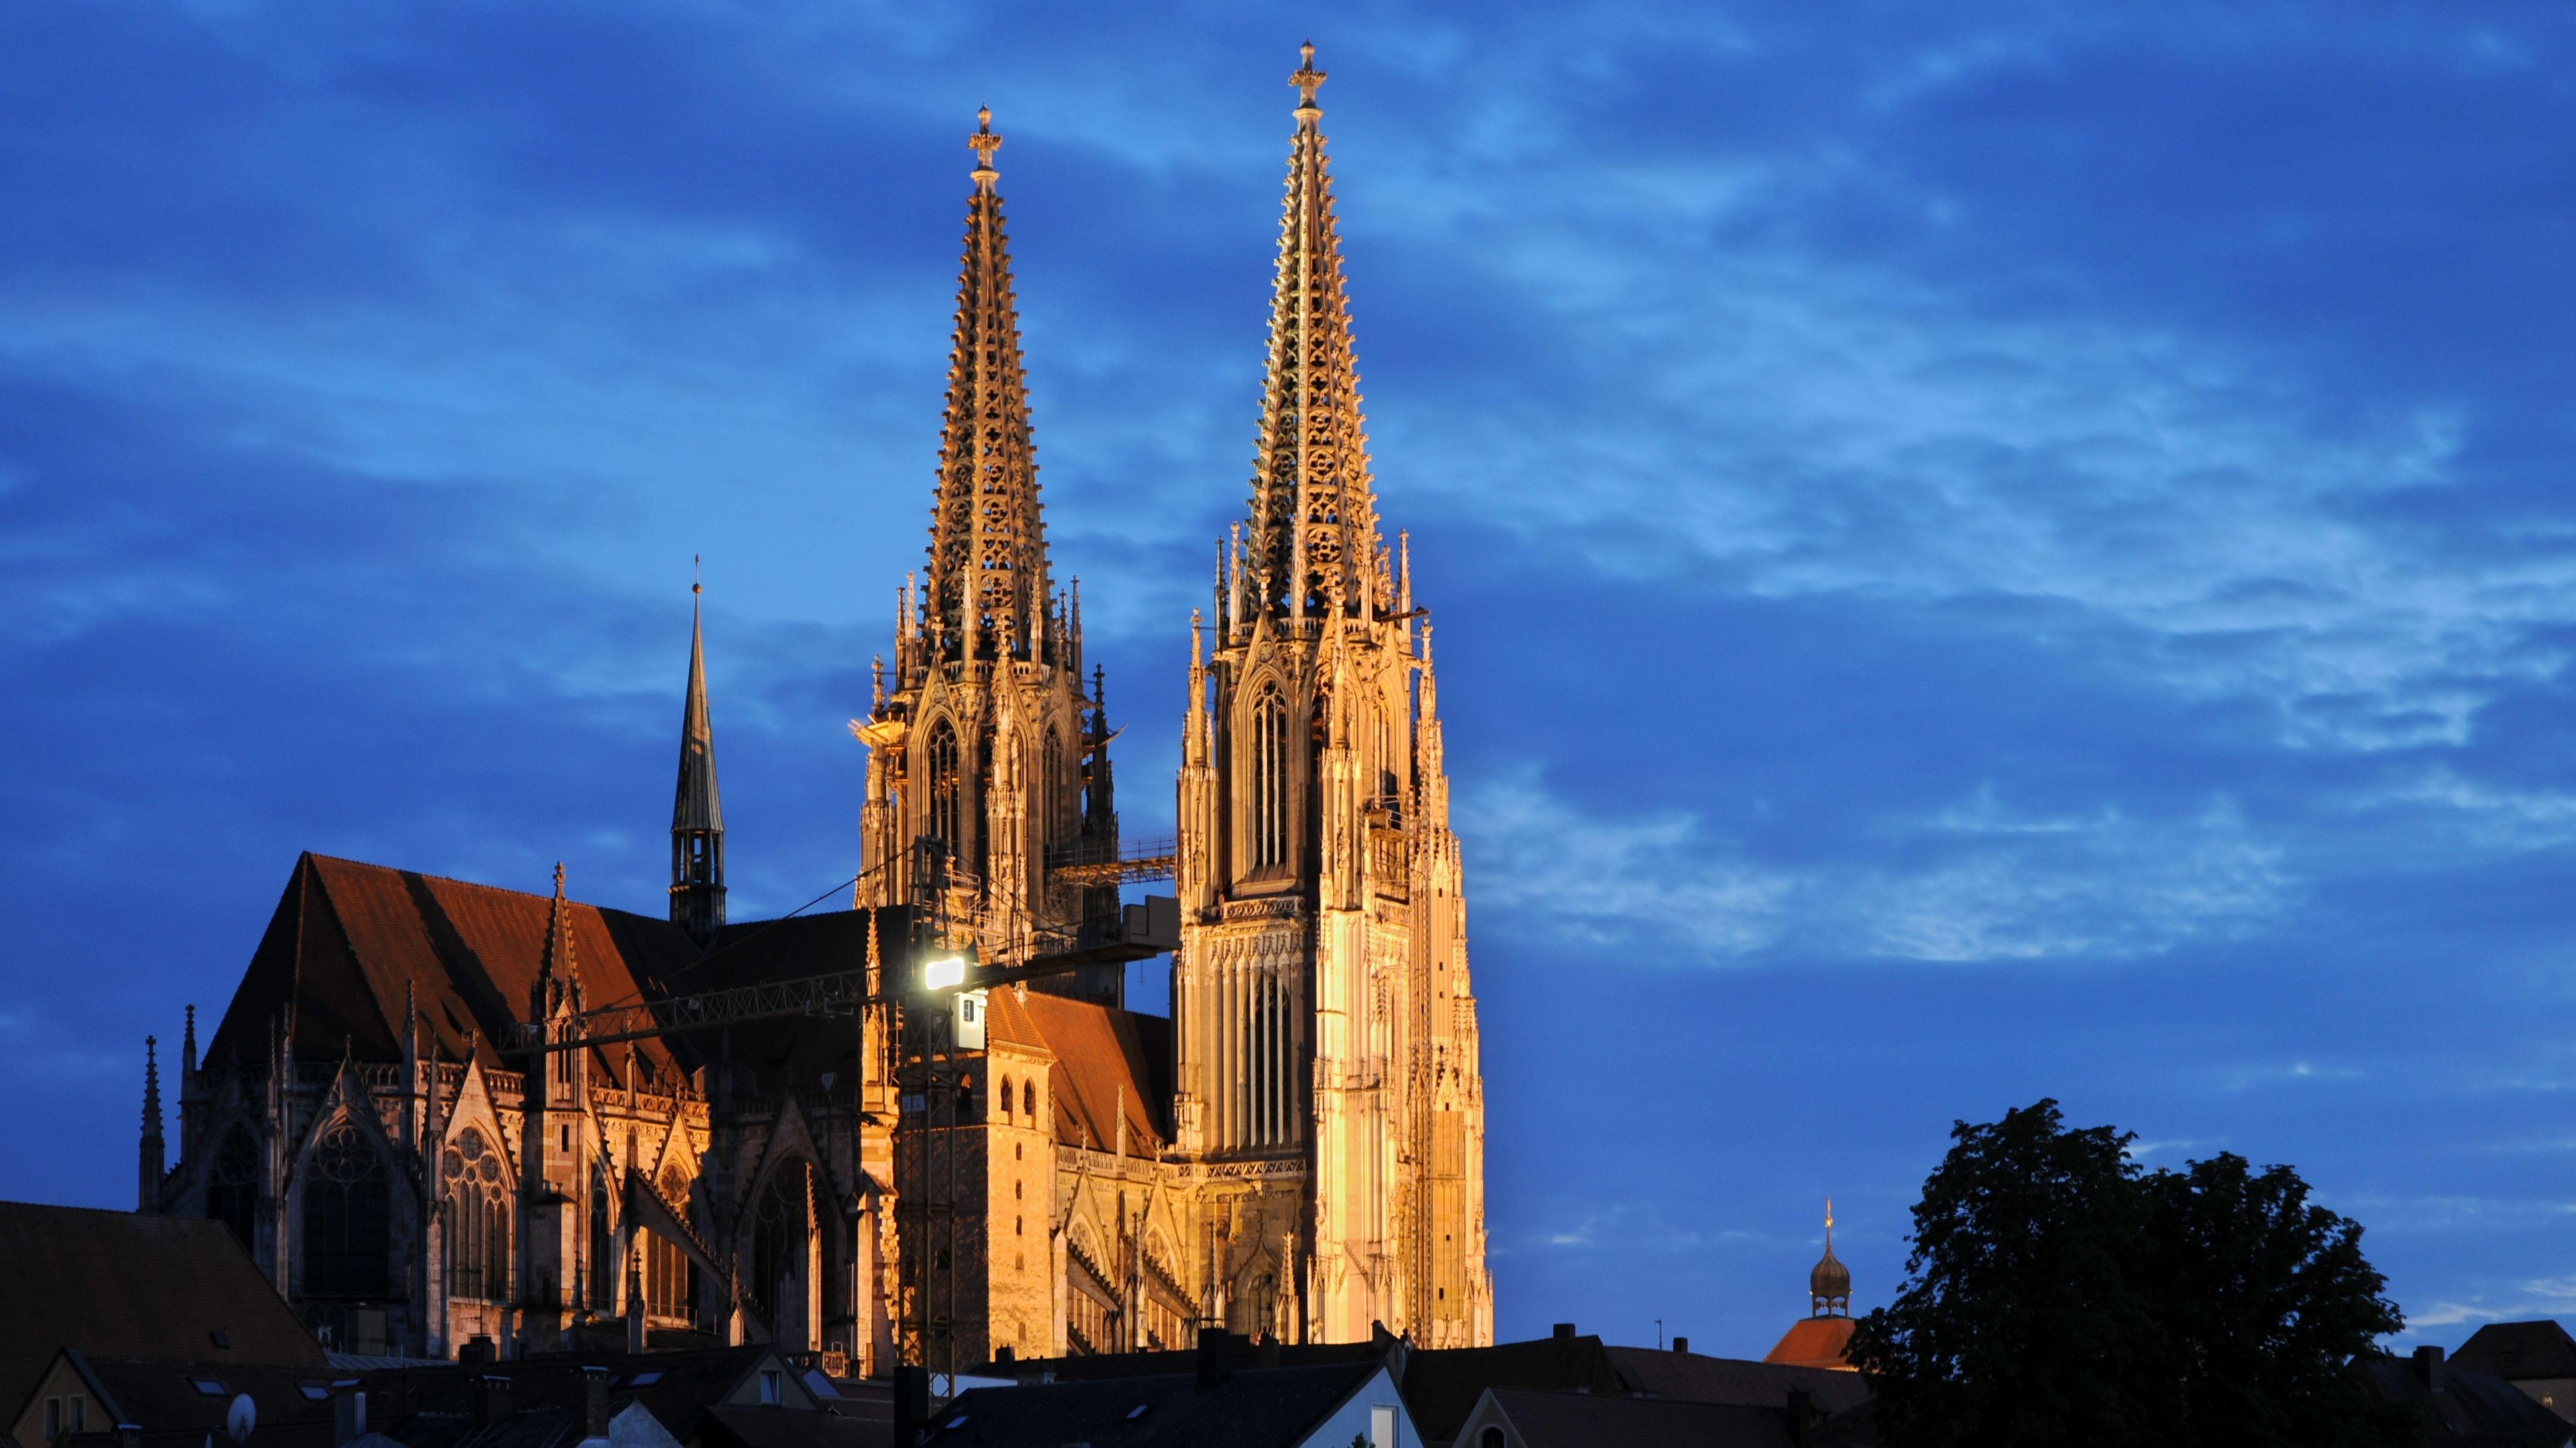 Die beiden Domtürme sin das markante Wahrzeichen von Regensburg: Ihre Helme wurden vor 150 Jahren fertiggestellt.